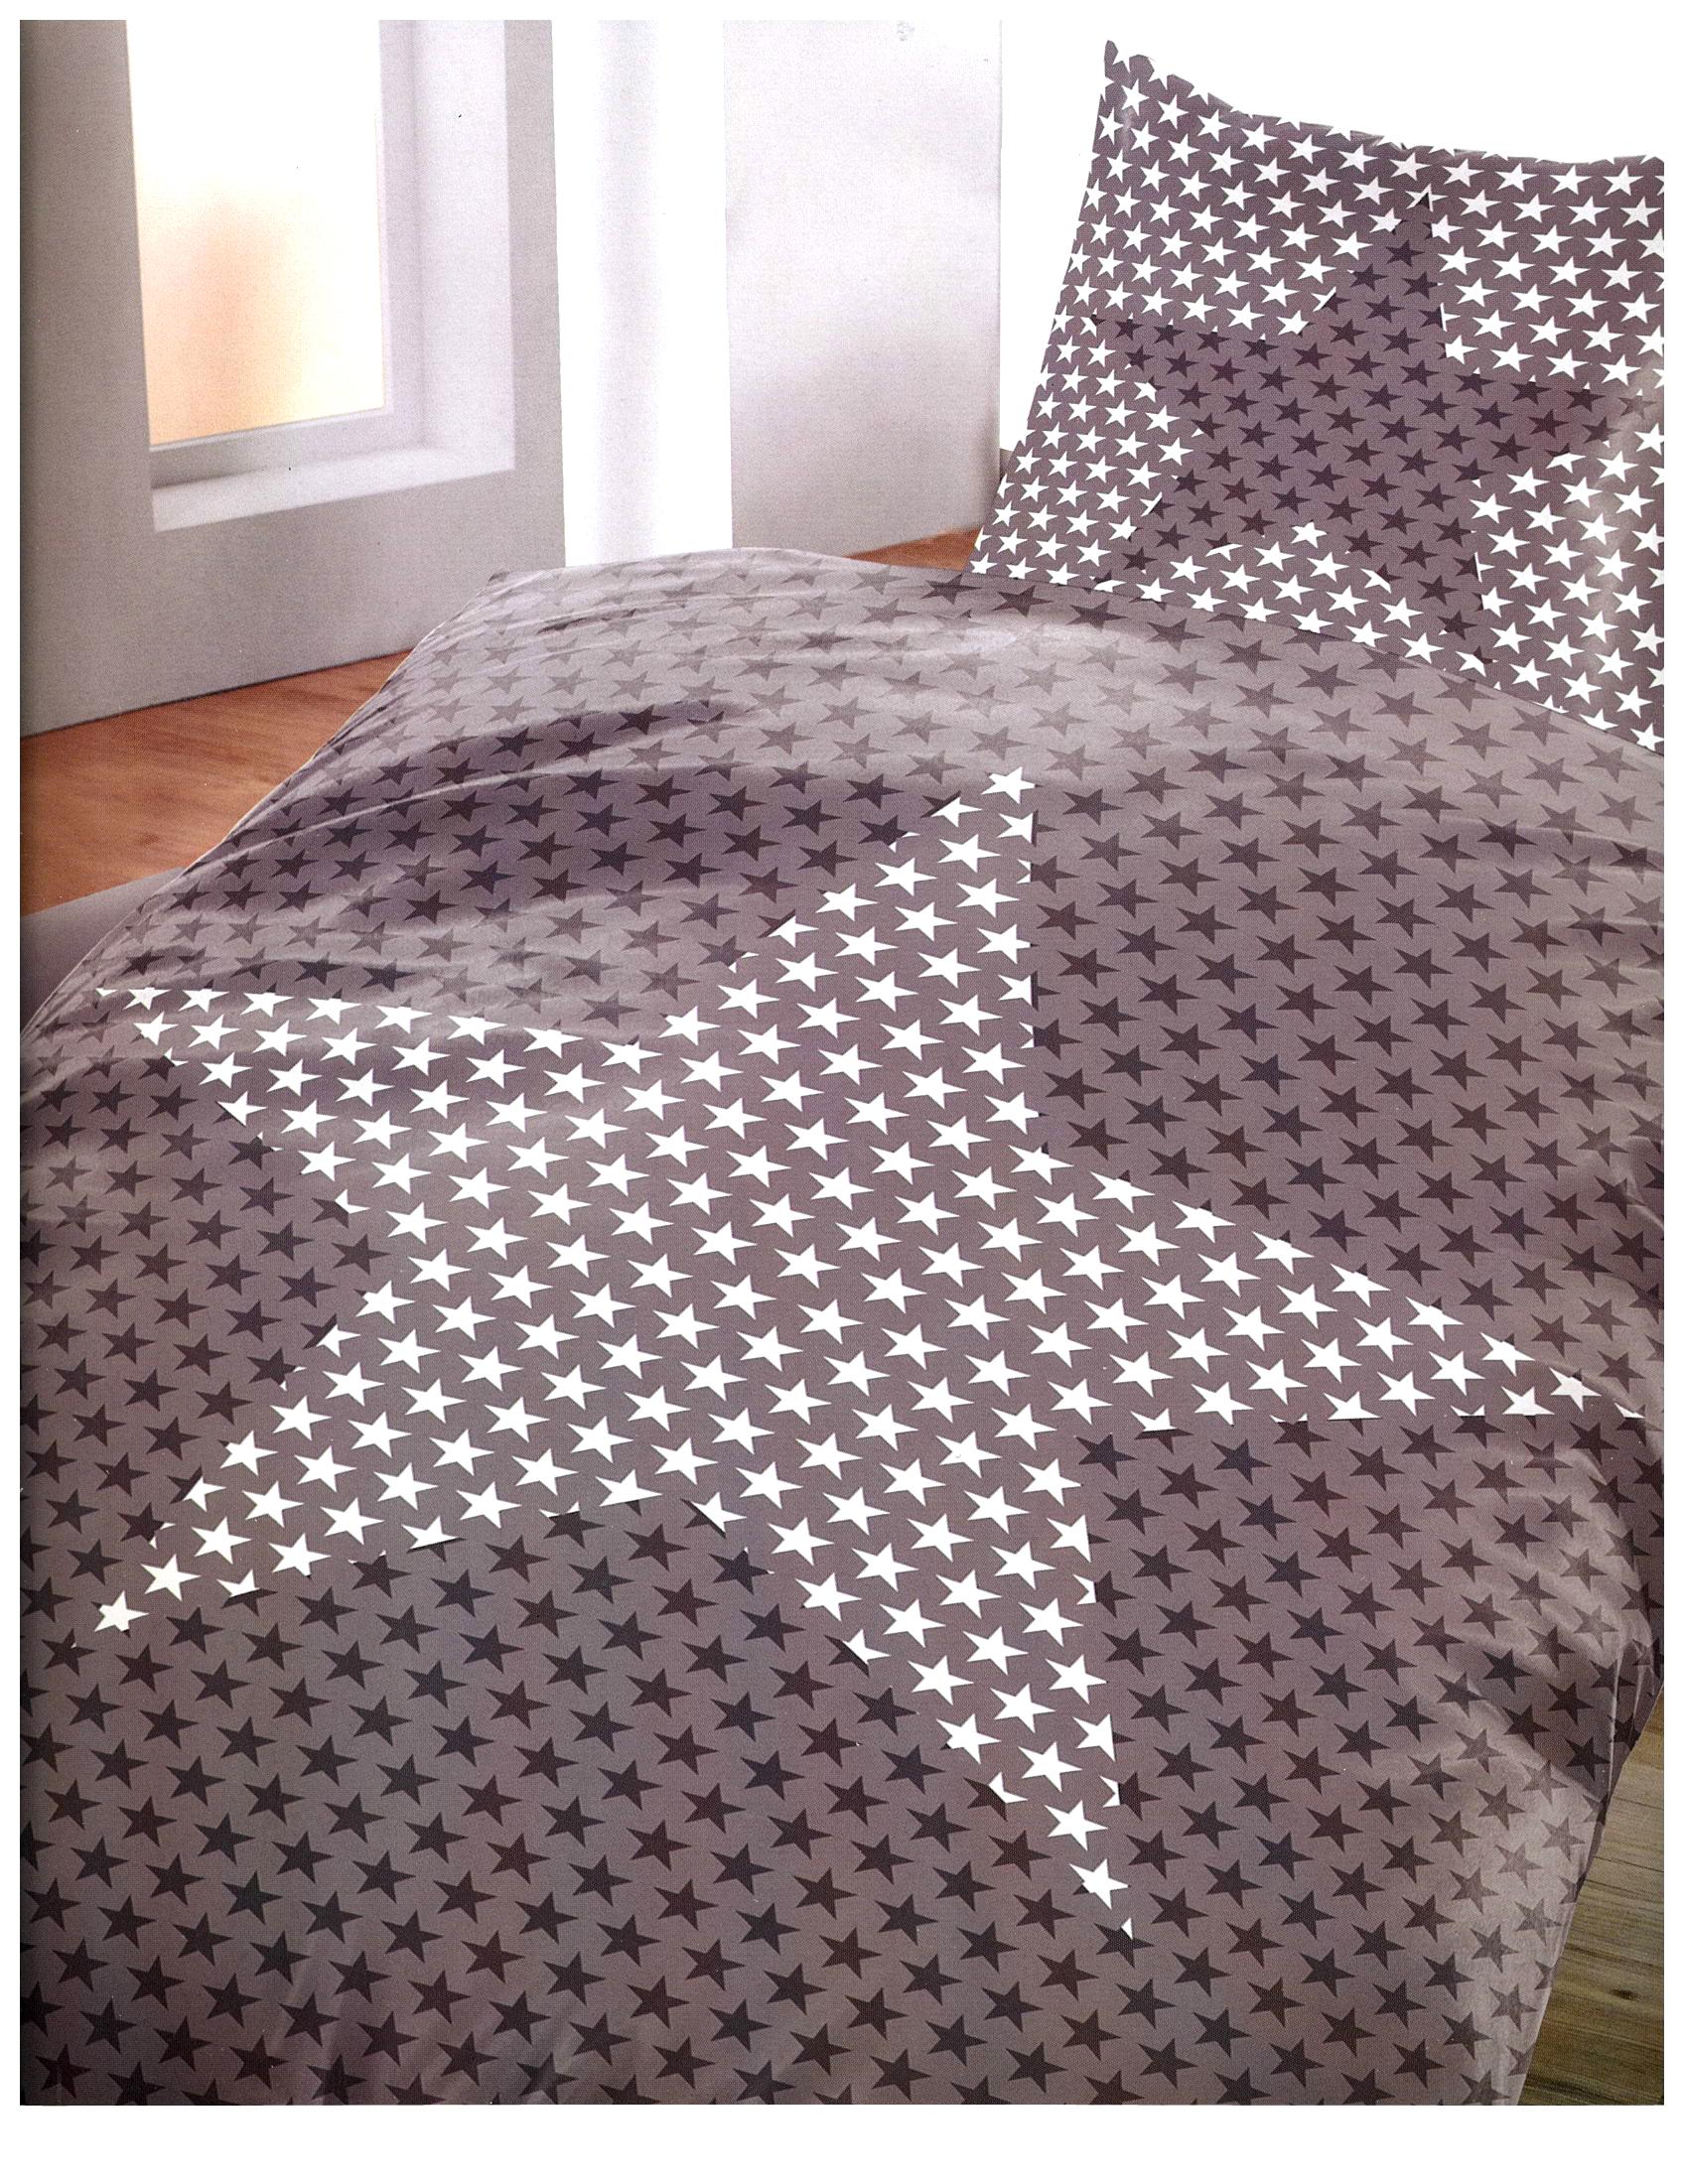 4 tlg bettw sche microfaser 135x200 cm sterne grau wei. Black Bedroom Furniture Sets. Home Design Ideas